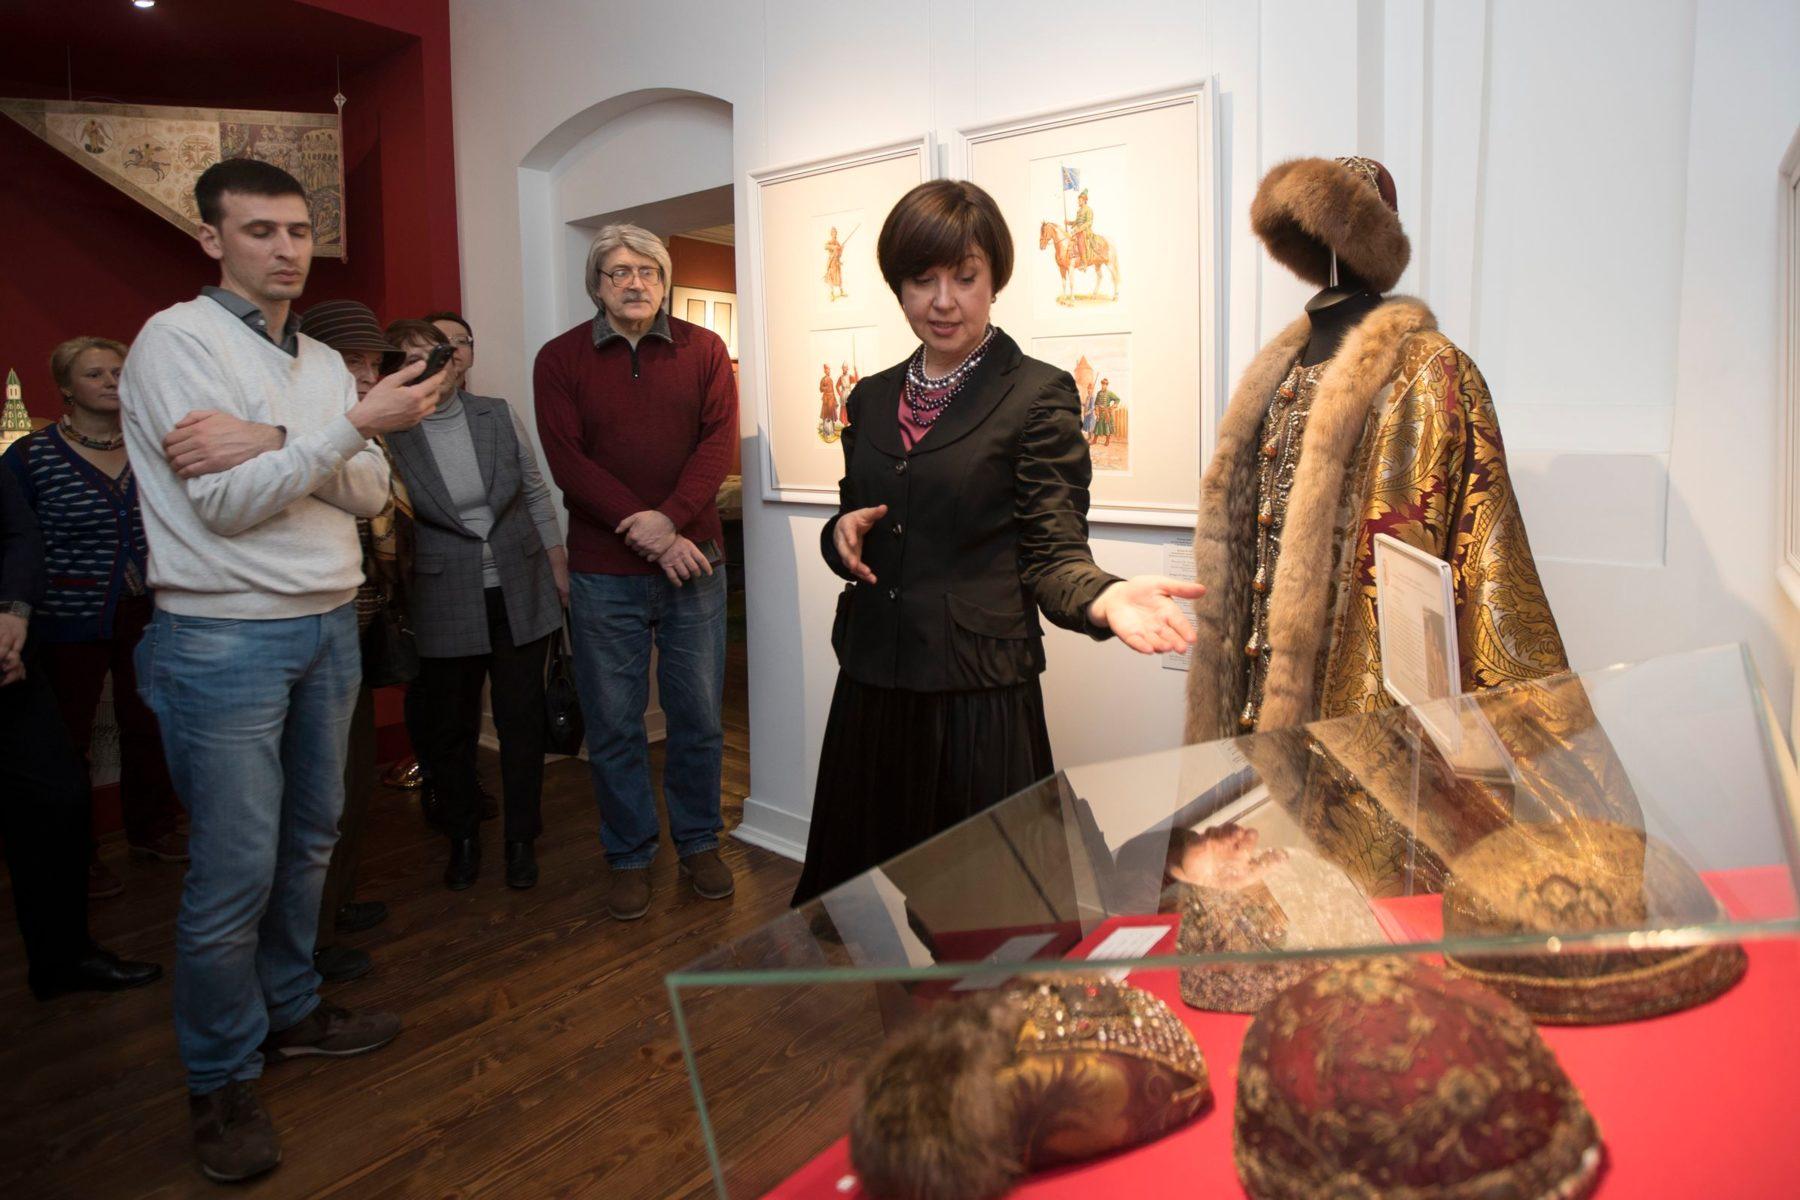 Выставка «Годунов. За кадром» в Музей военной истории «Стрелецкие палаты» – события на сайте «Московские Сезоны»